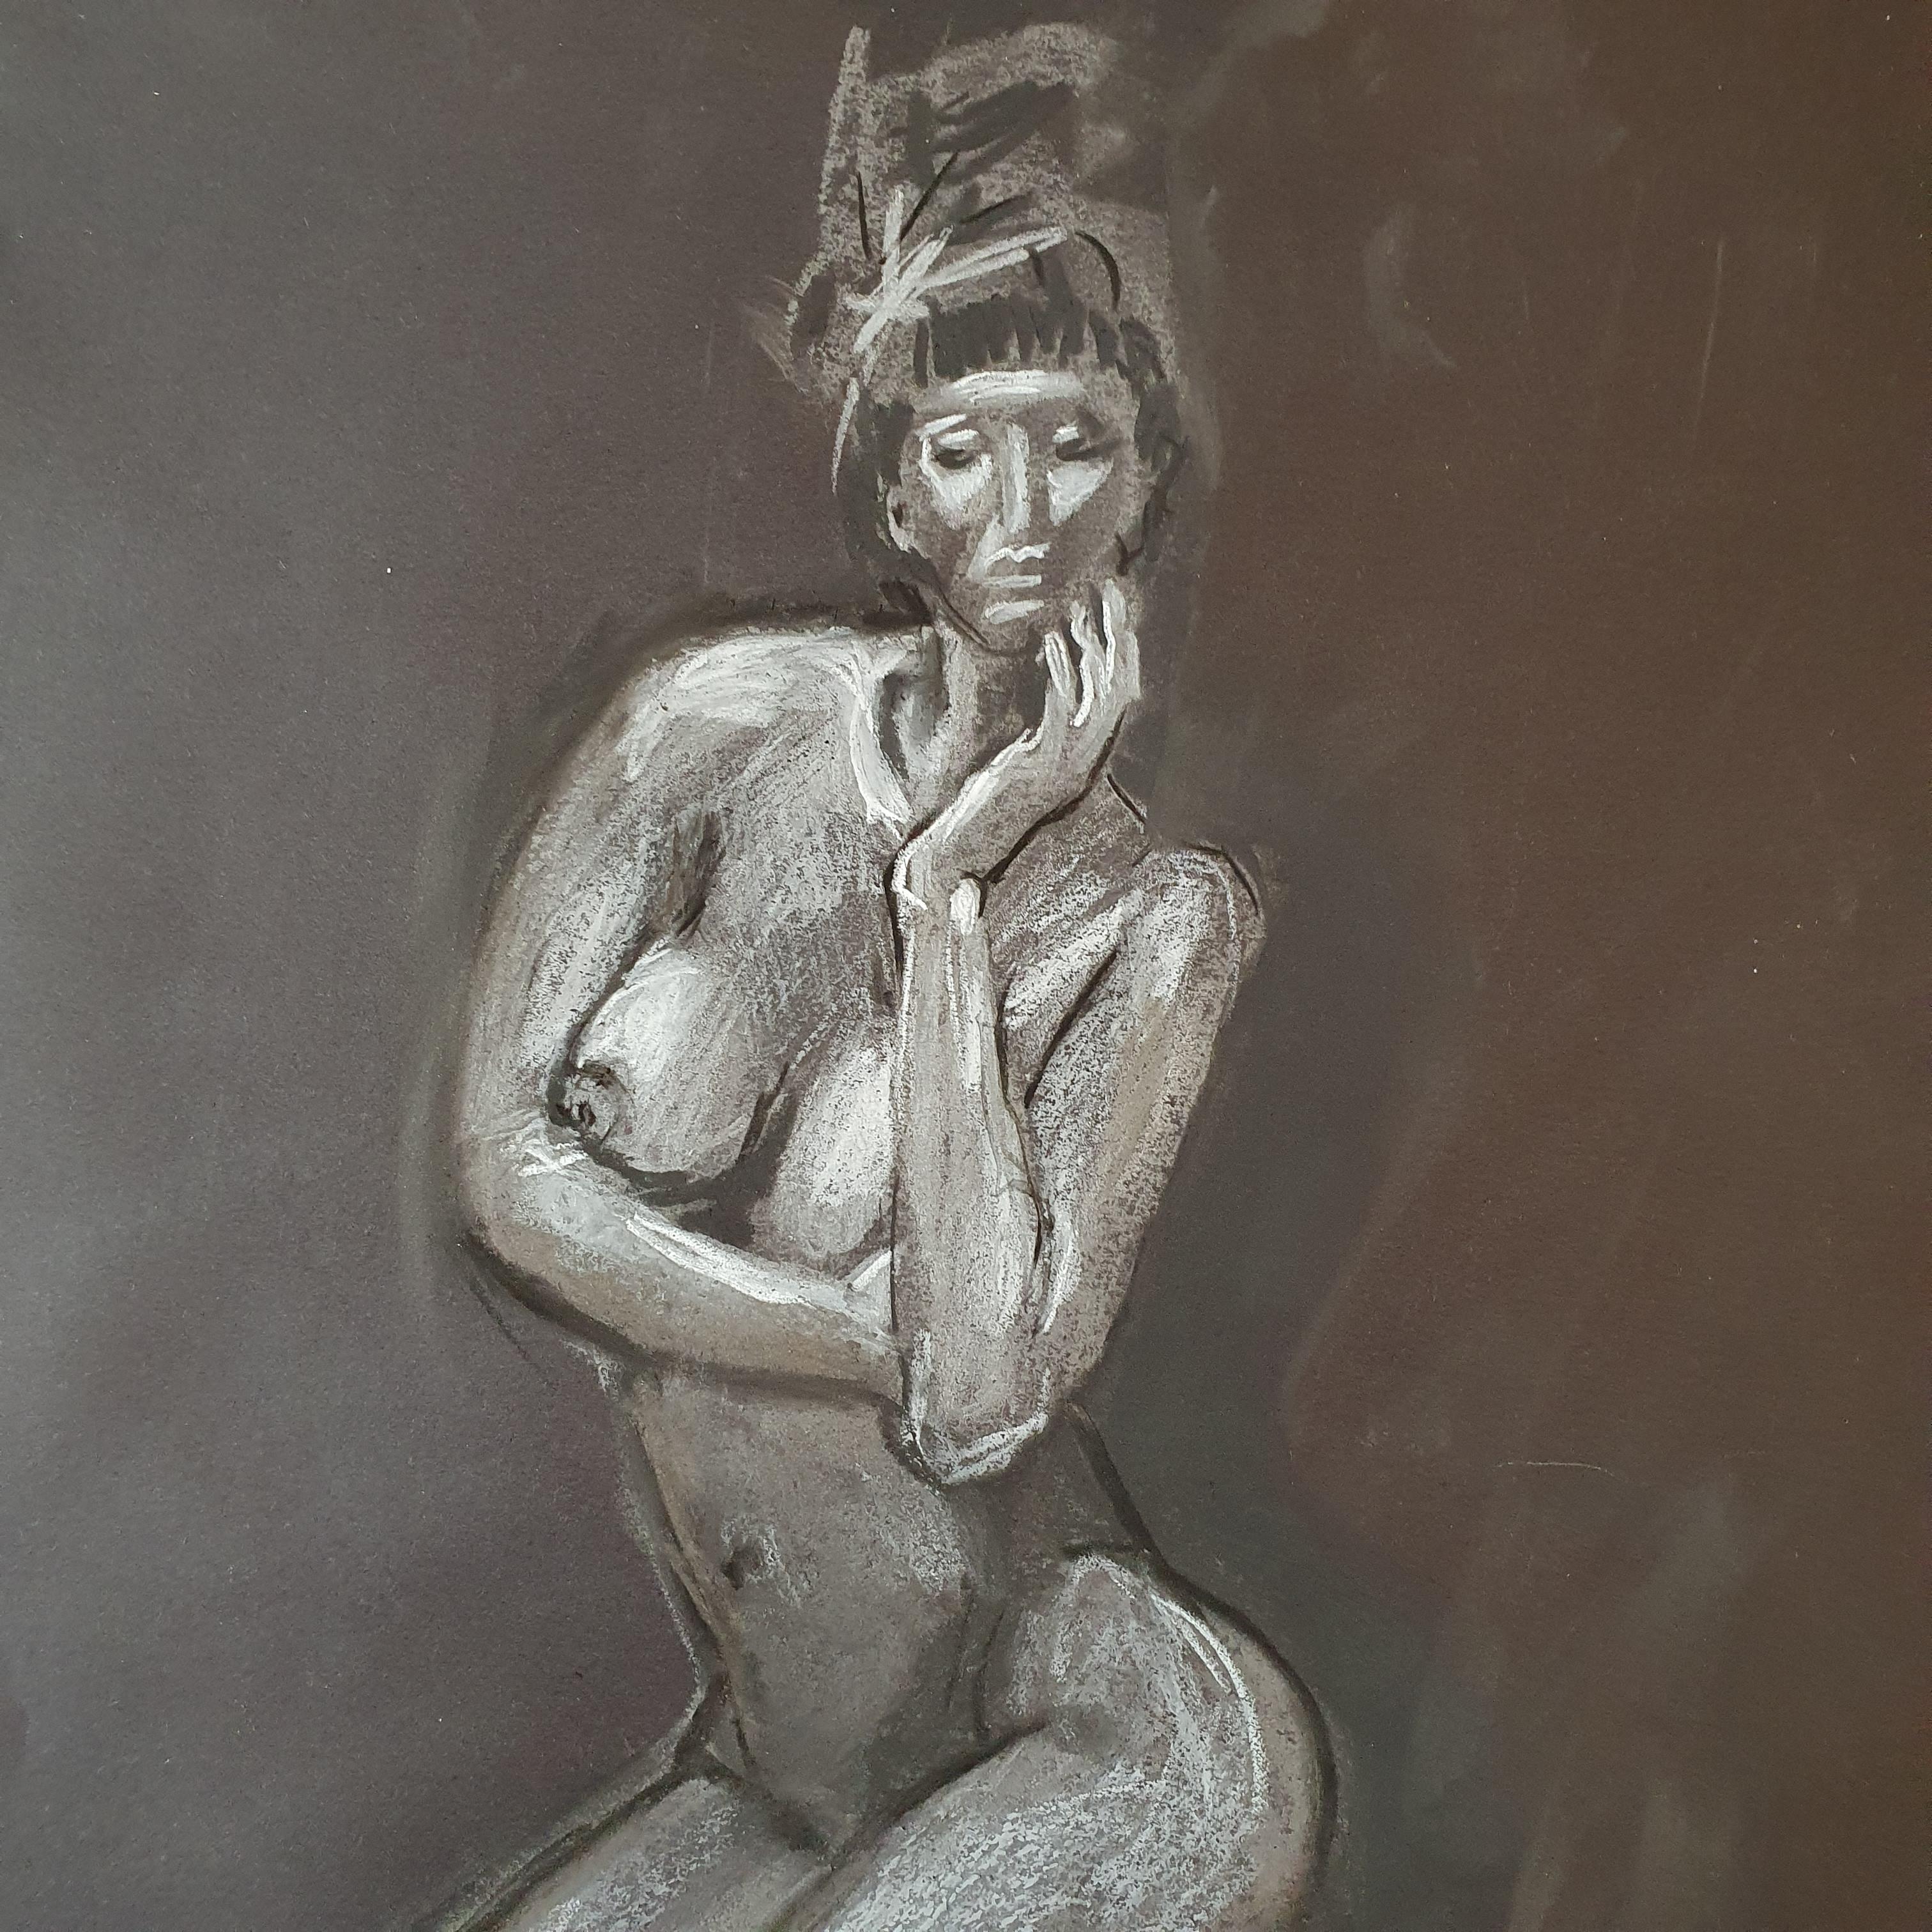 Dessin craie blanche sur papier noir r�ausse au fusain  cours de dessin